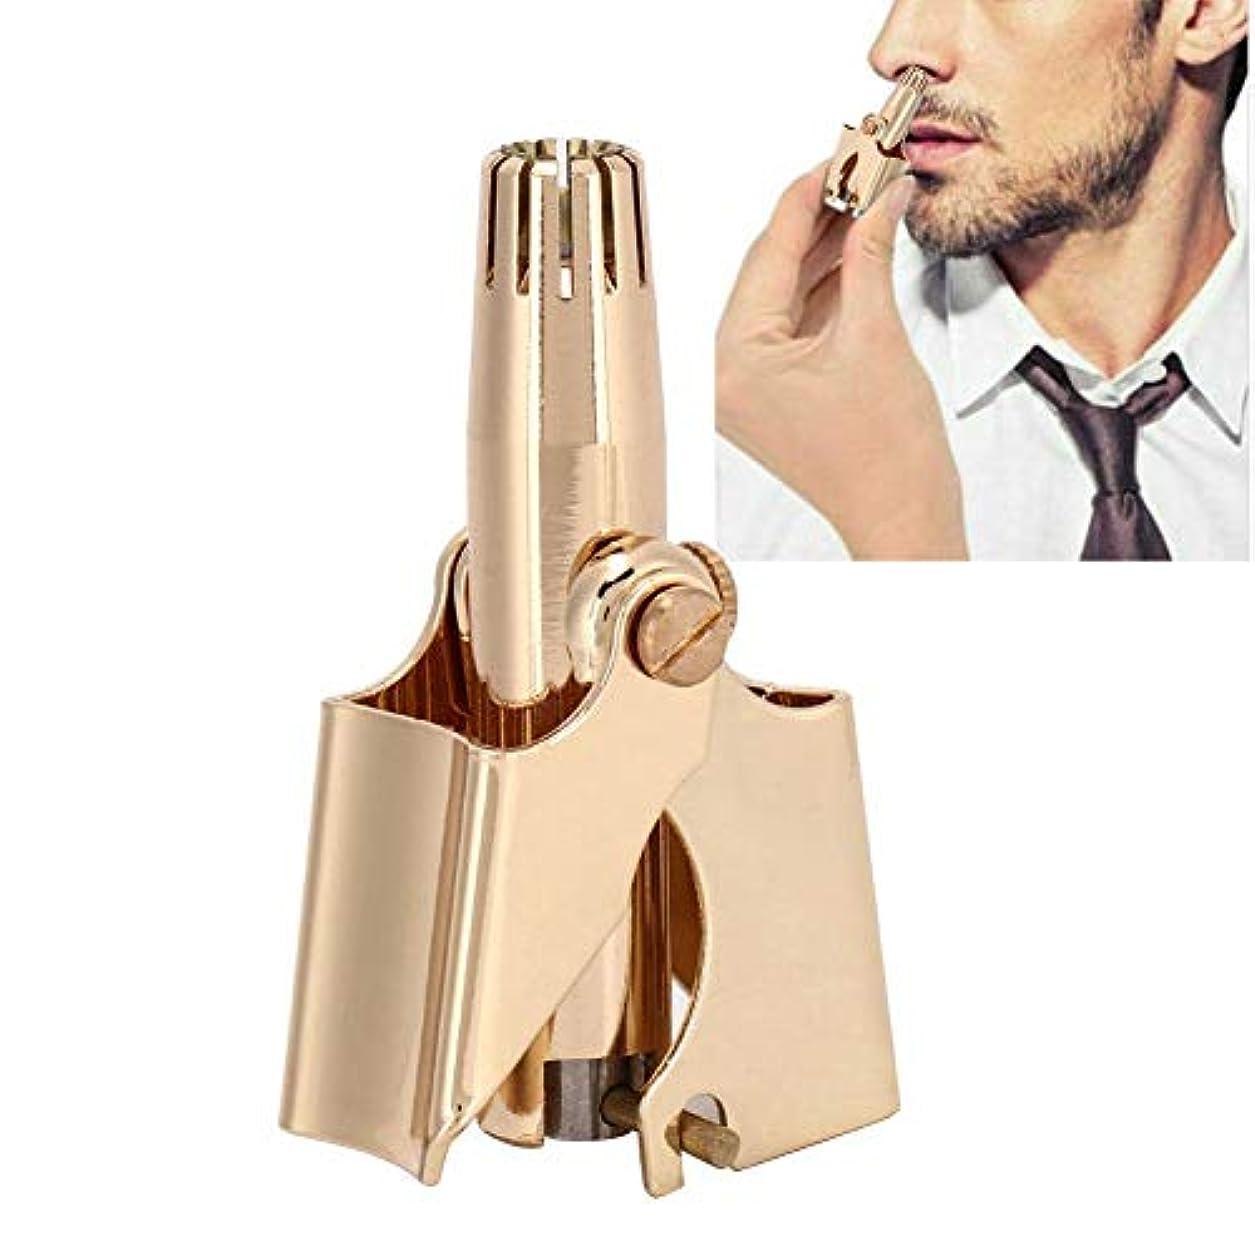 脳ホイストフレームワーク携帯用ステンレス鋼の耳の鼻の毛のトリマー(ゴールド)